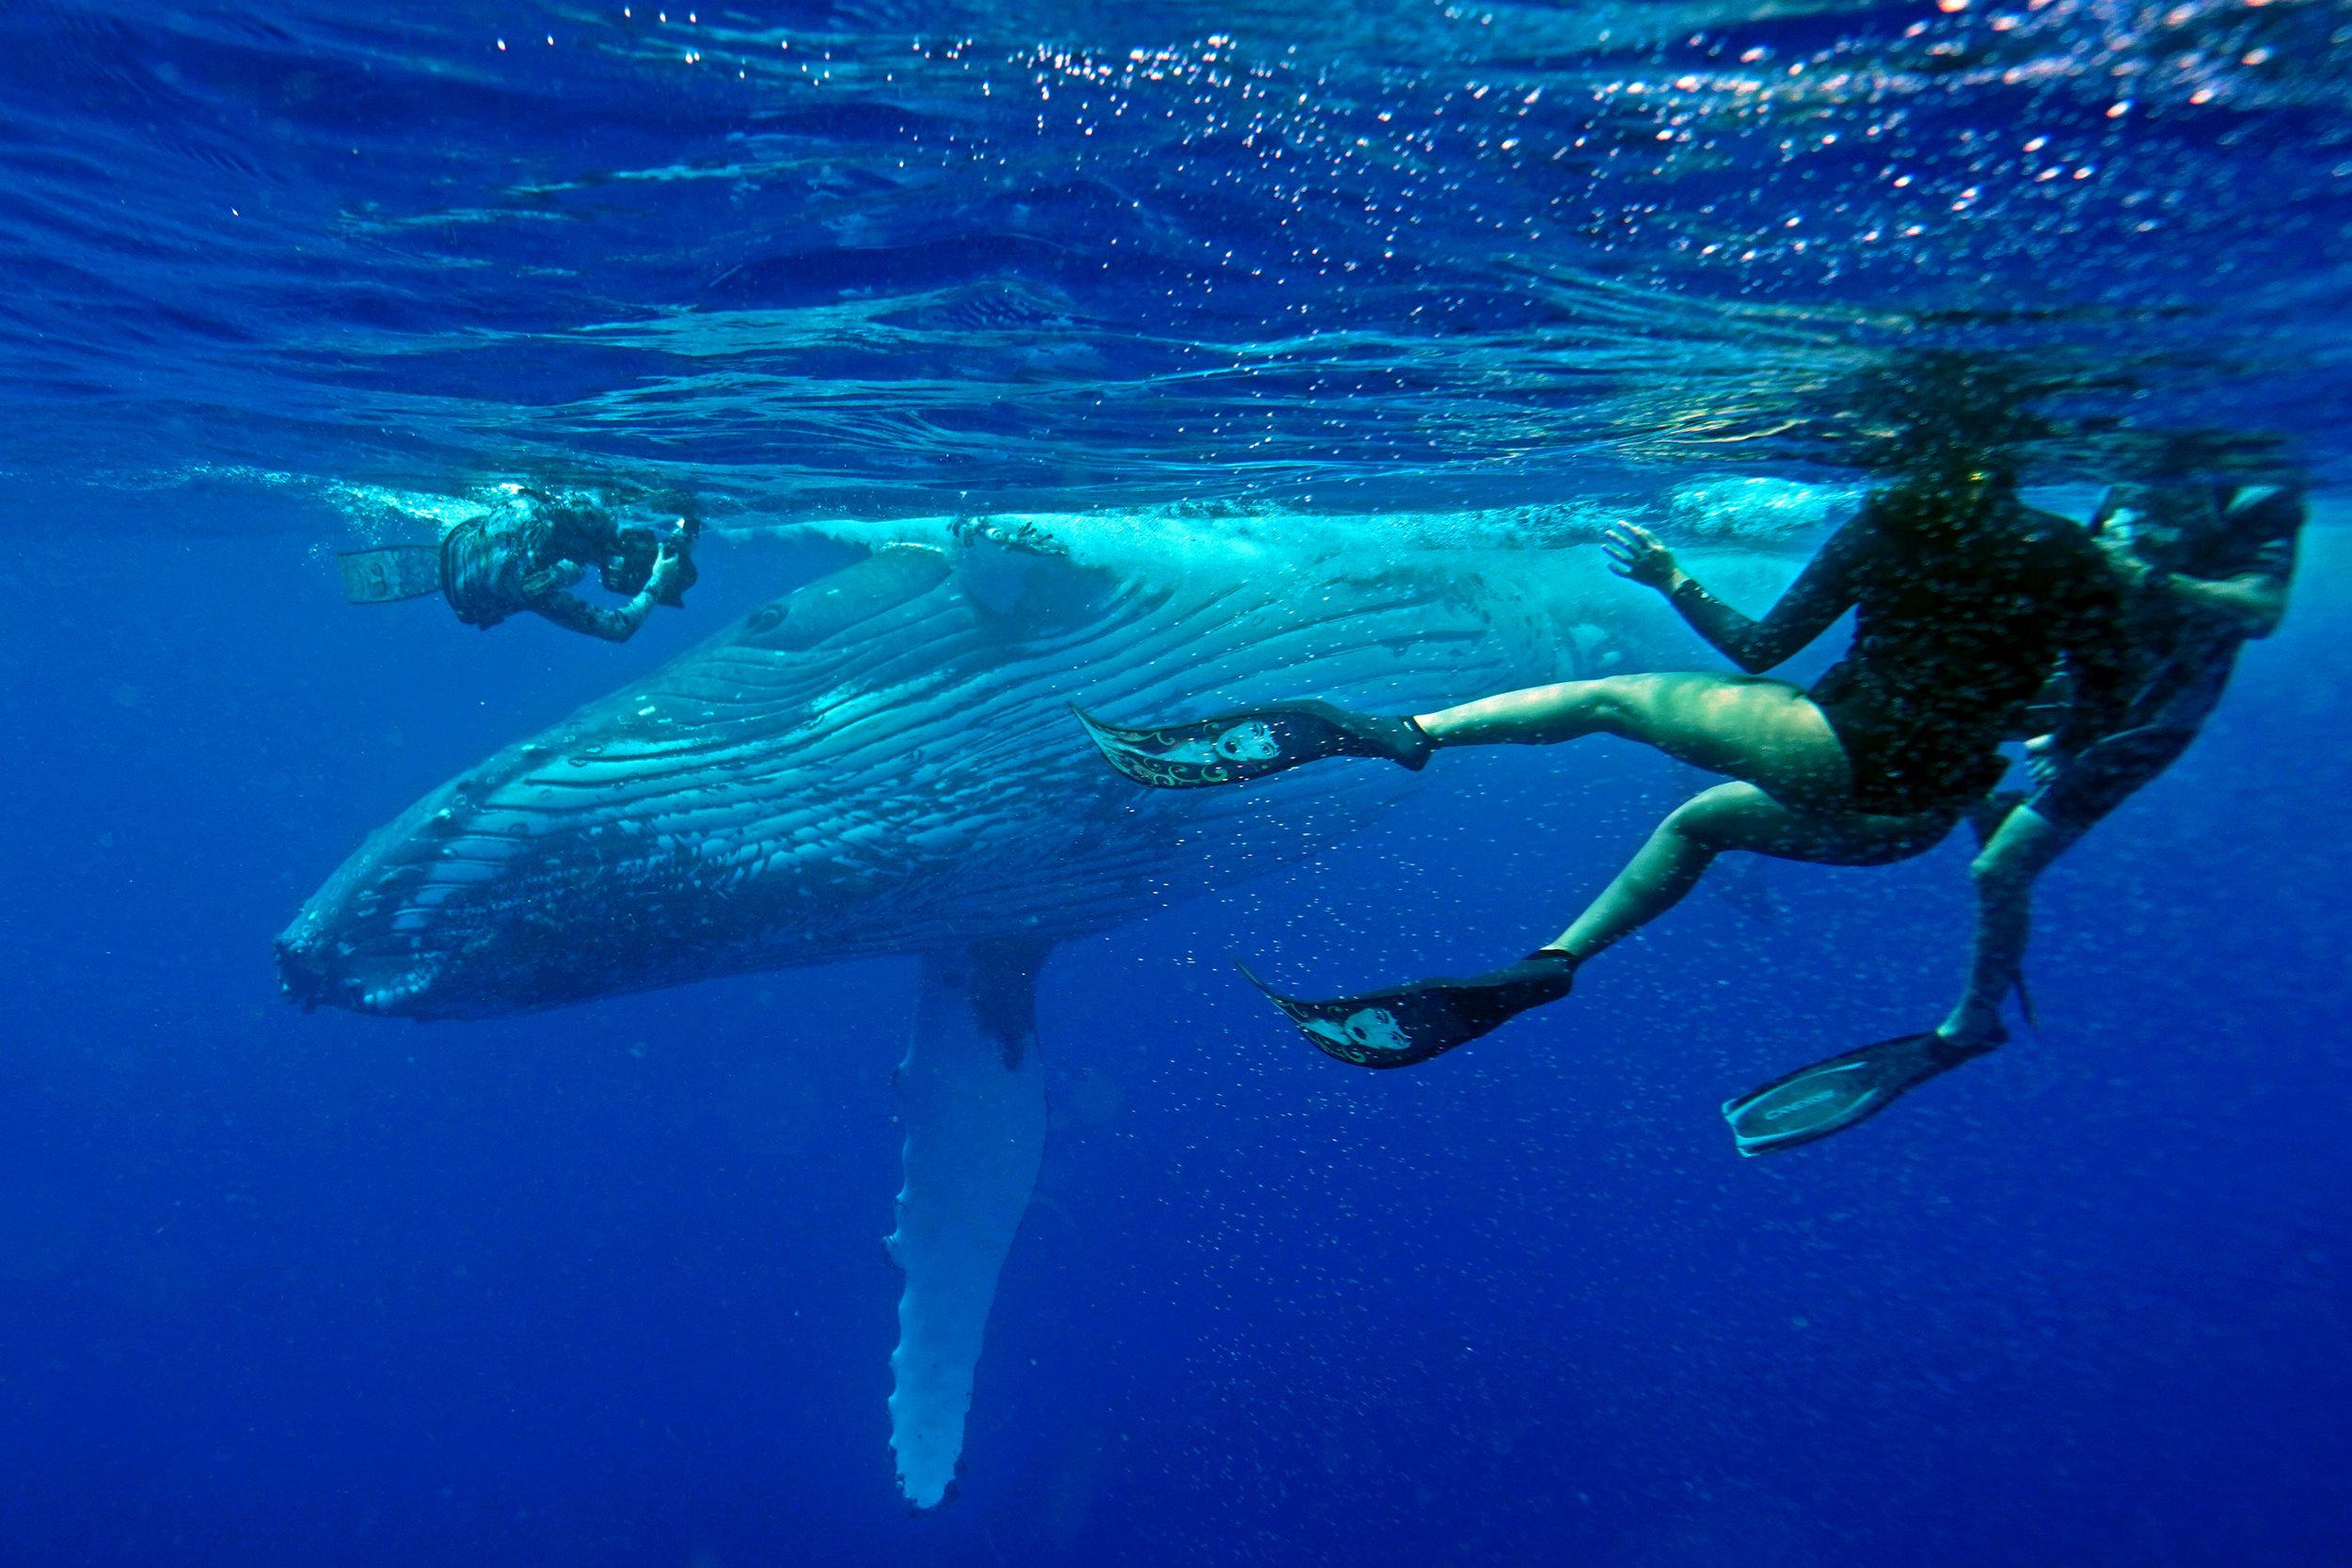 swim-with-whales-rurutu-polynesia.jpg